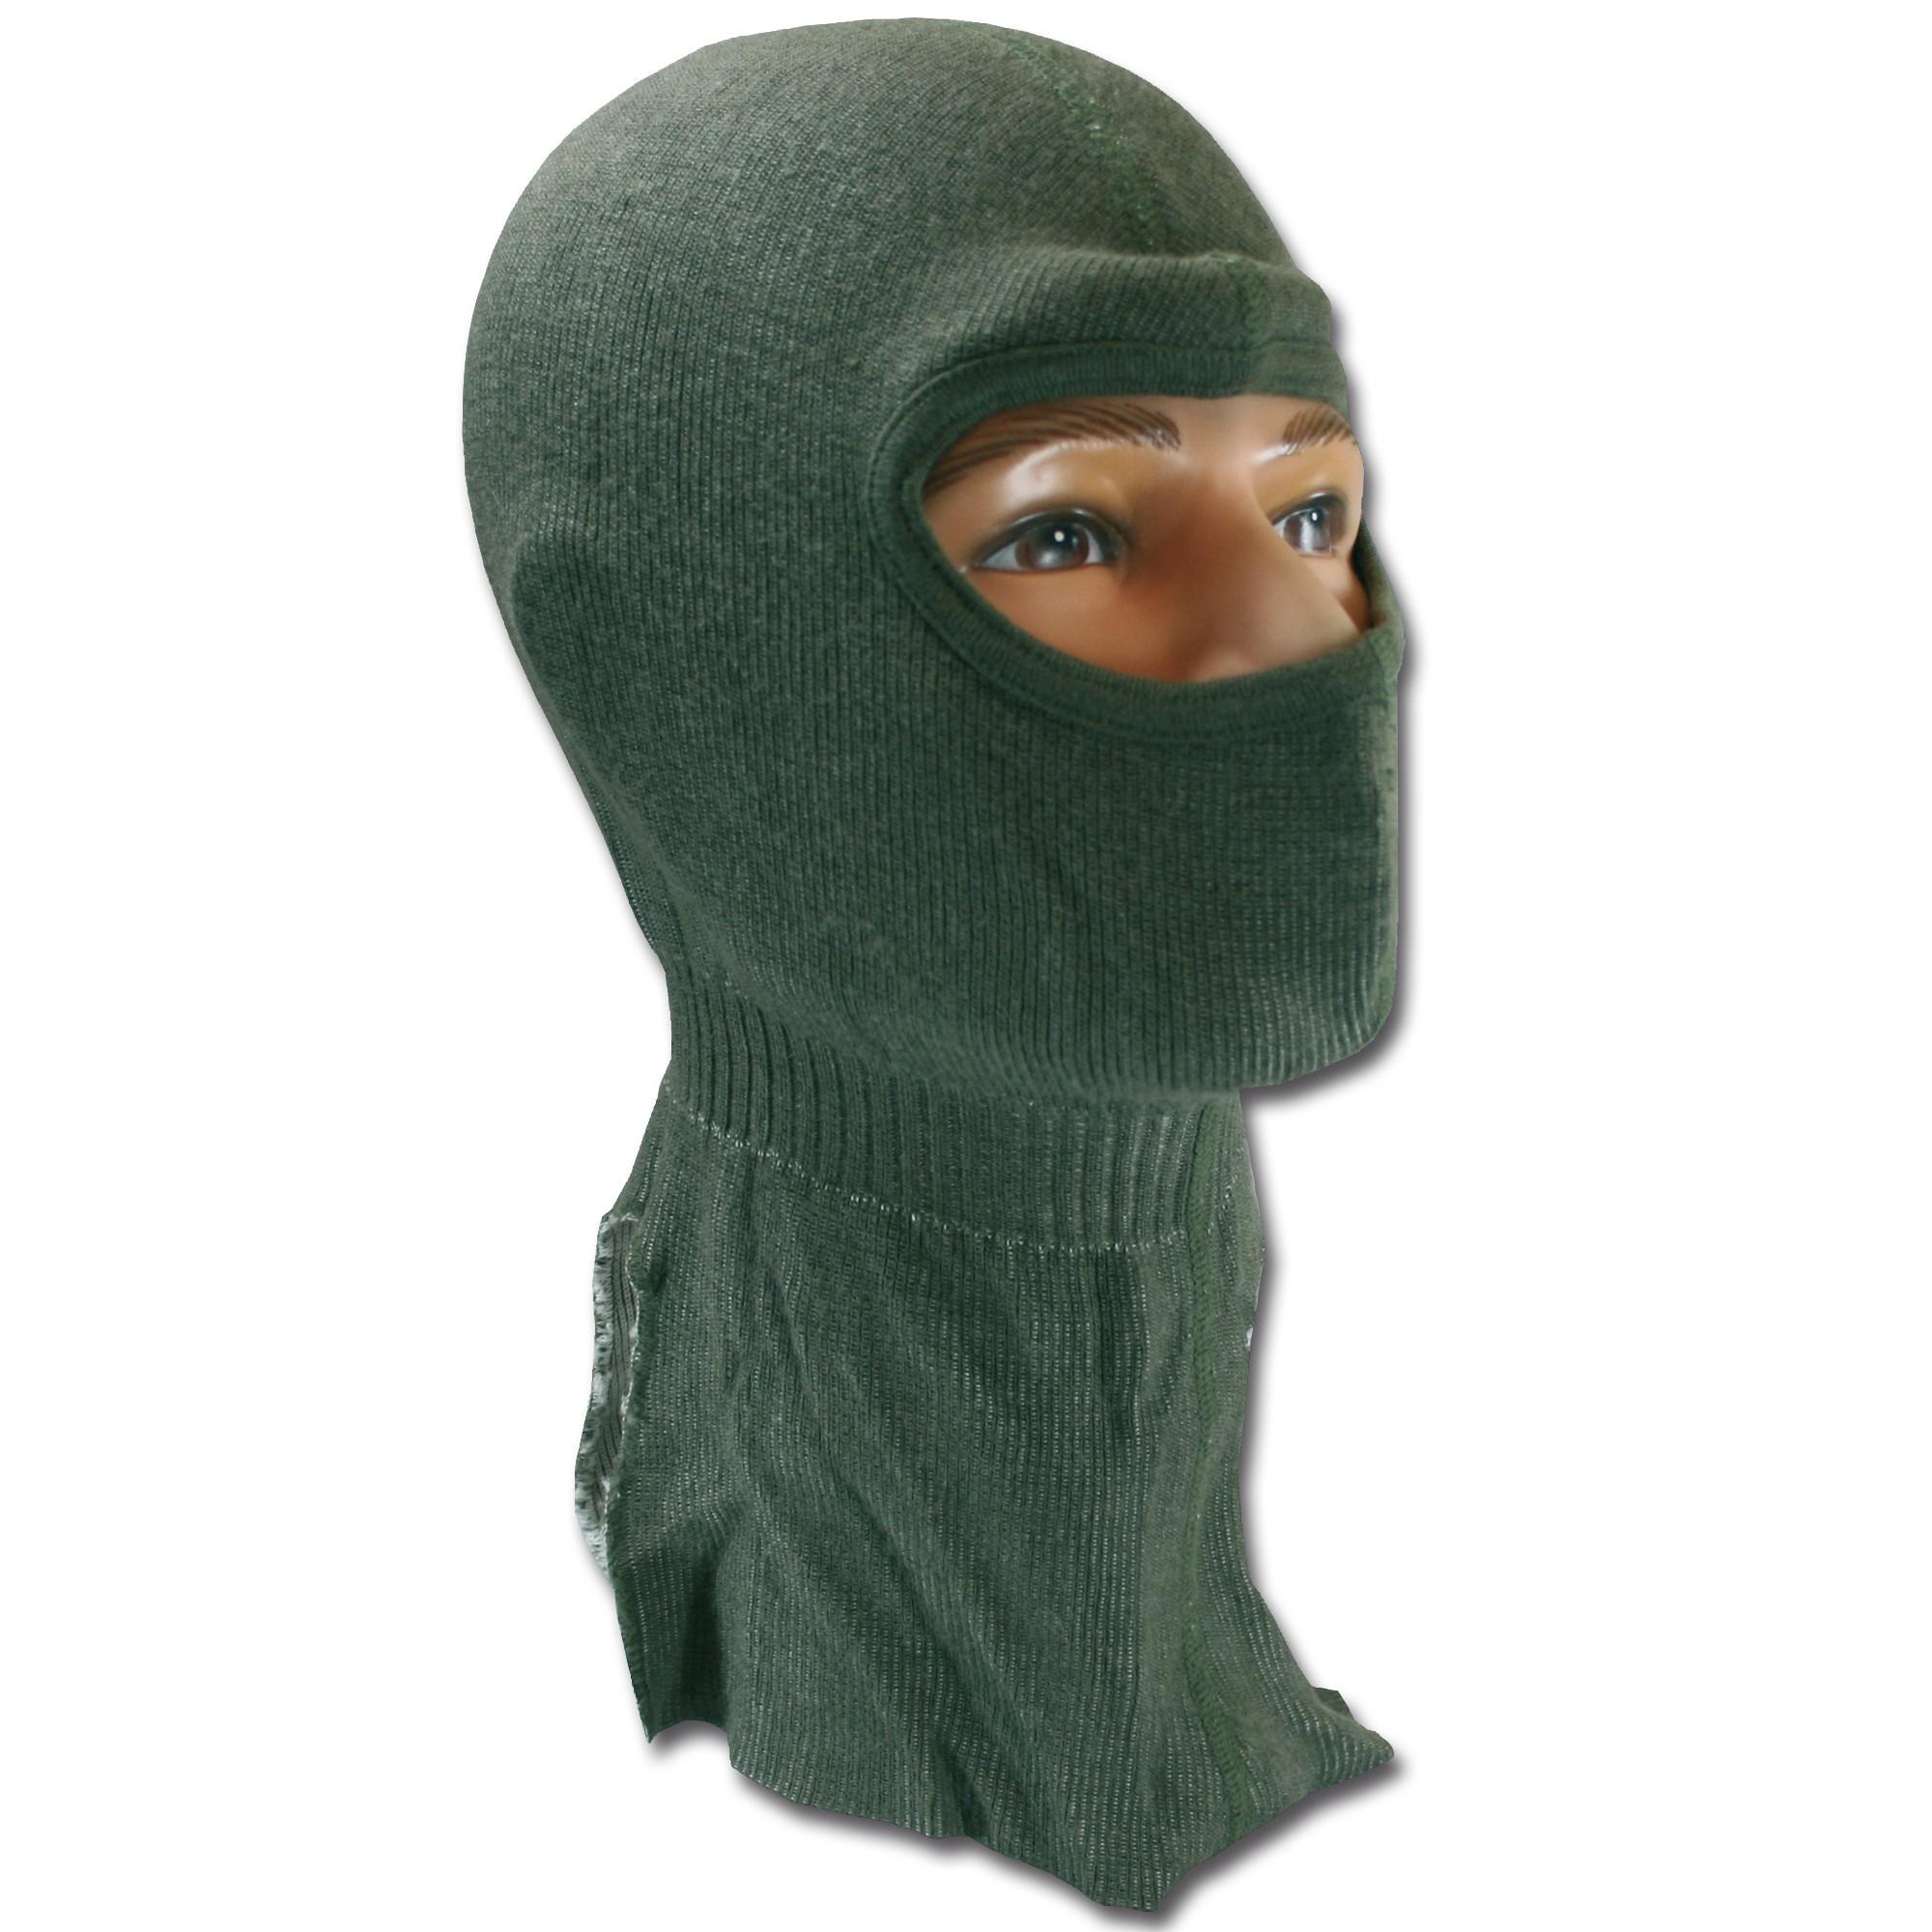 BW Face Mask Used